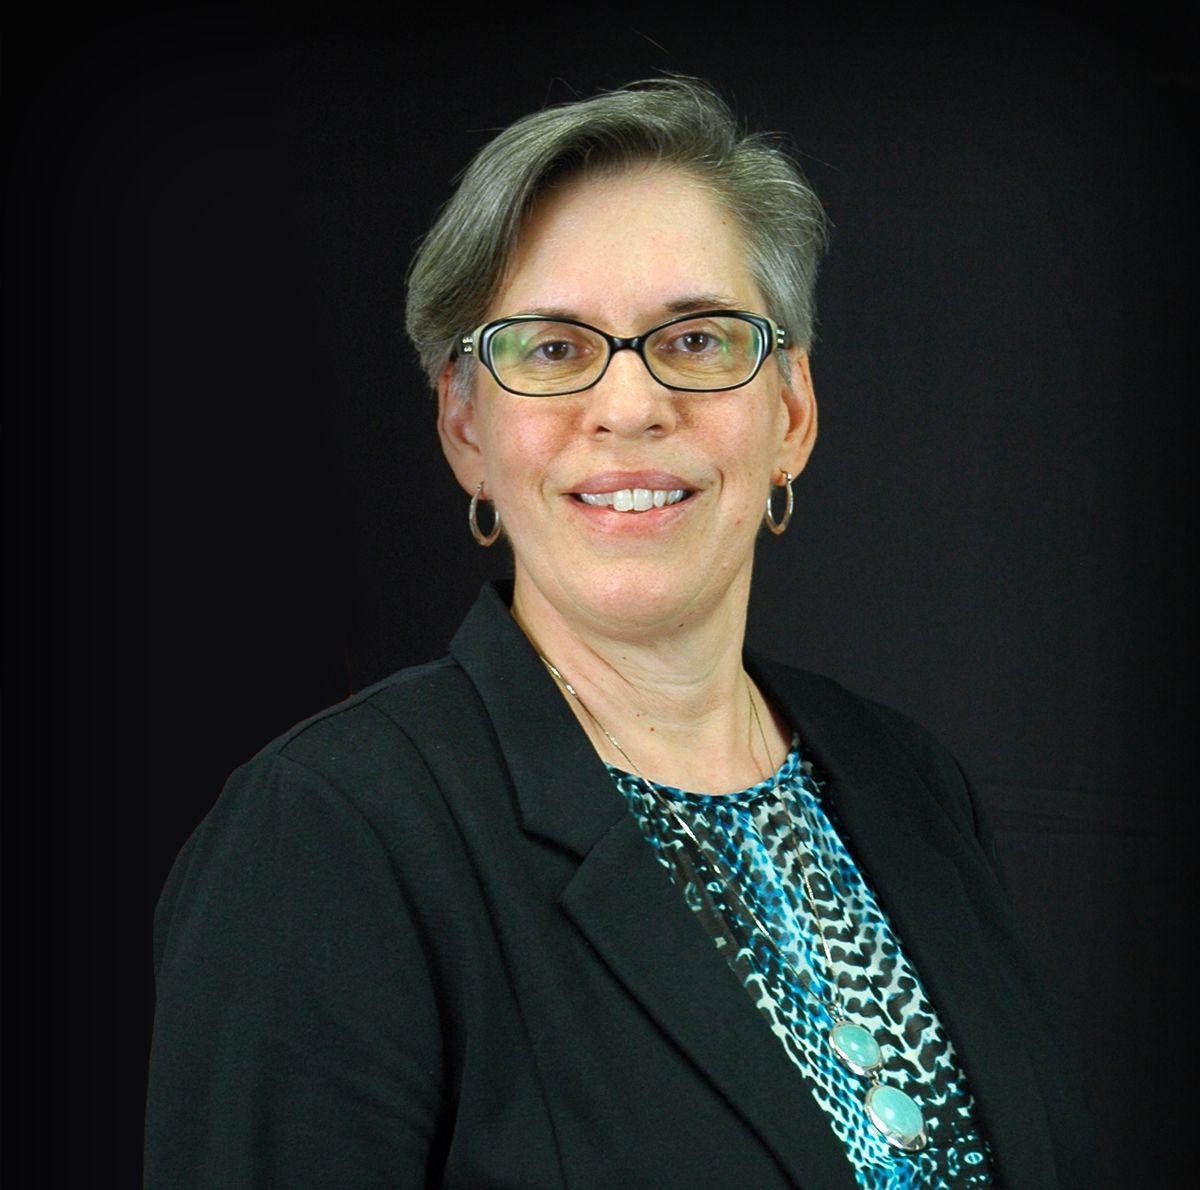 Victoria Public Library Director Dayna Williams-Capone